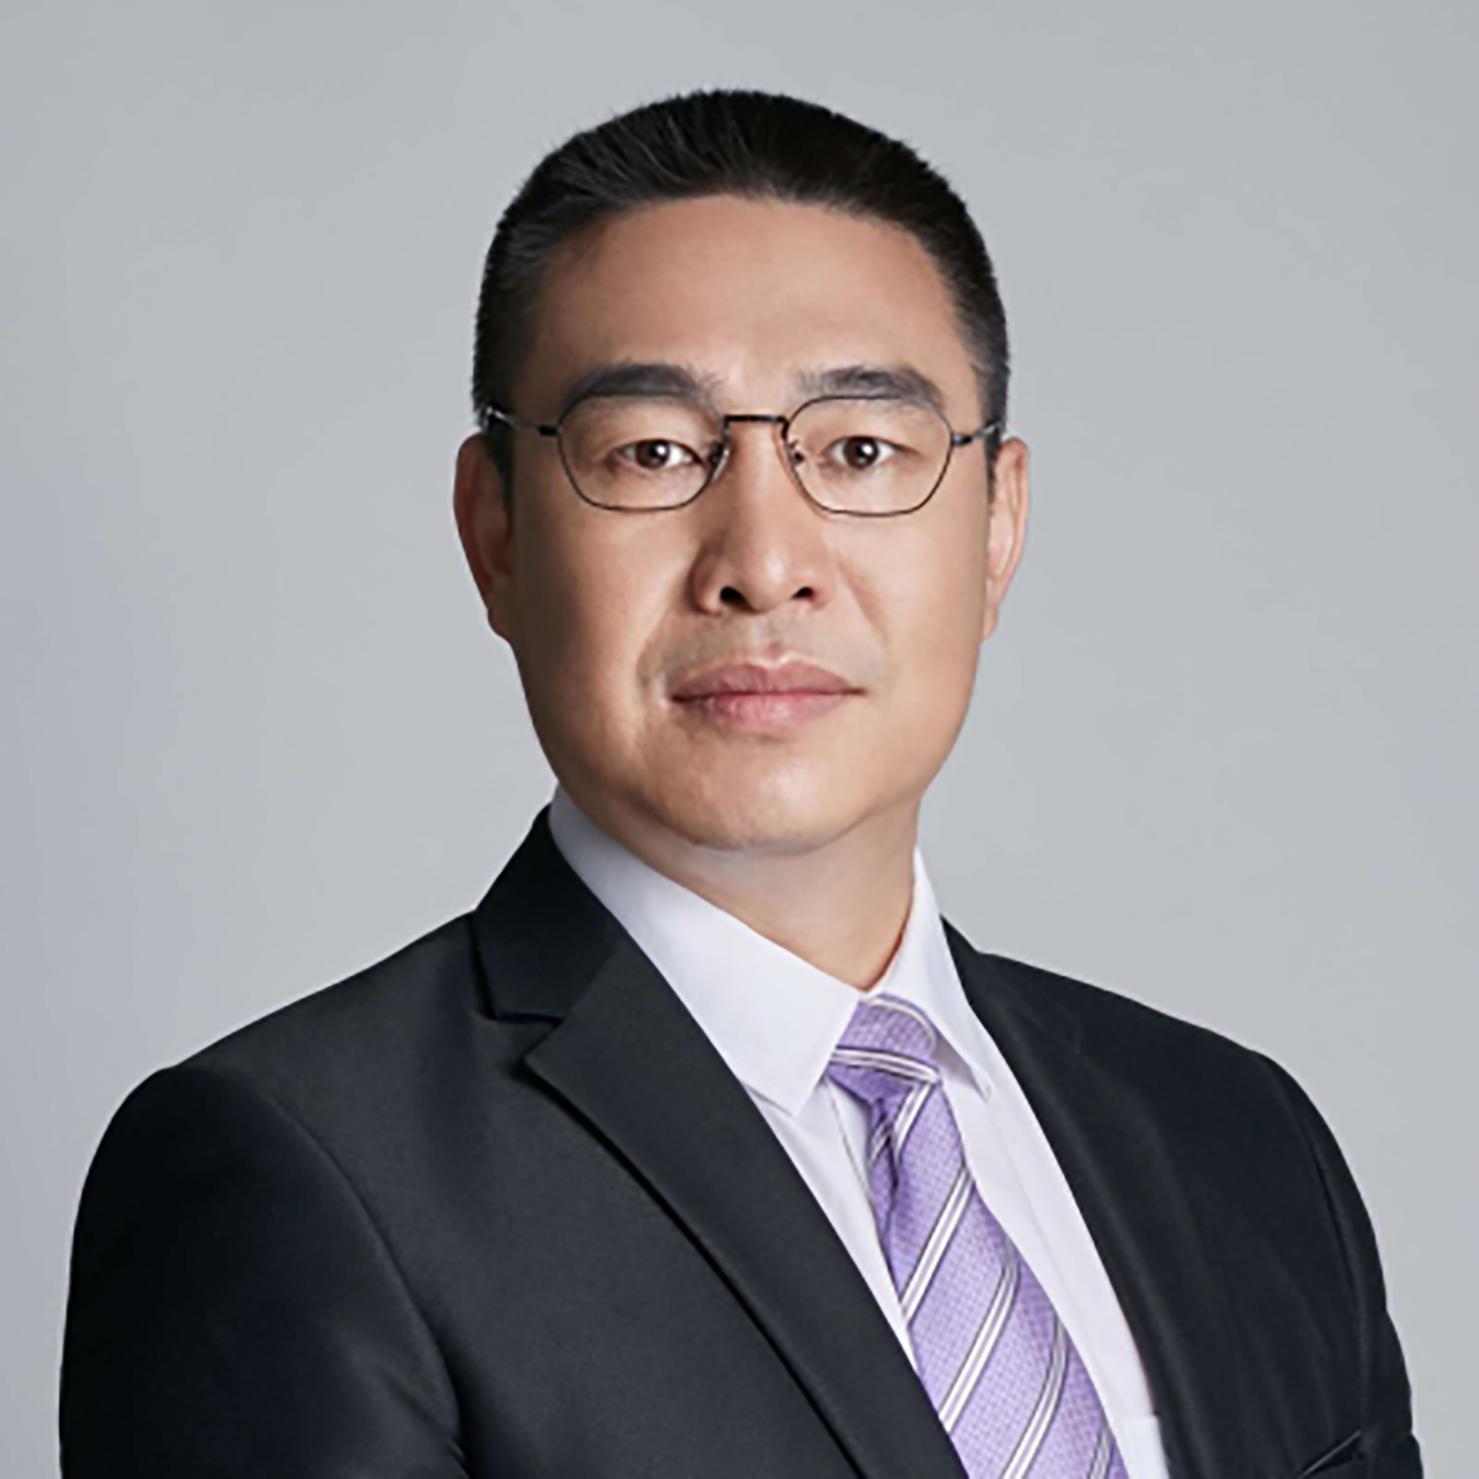 深圳刑事律师在线咨询.jpg